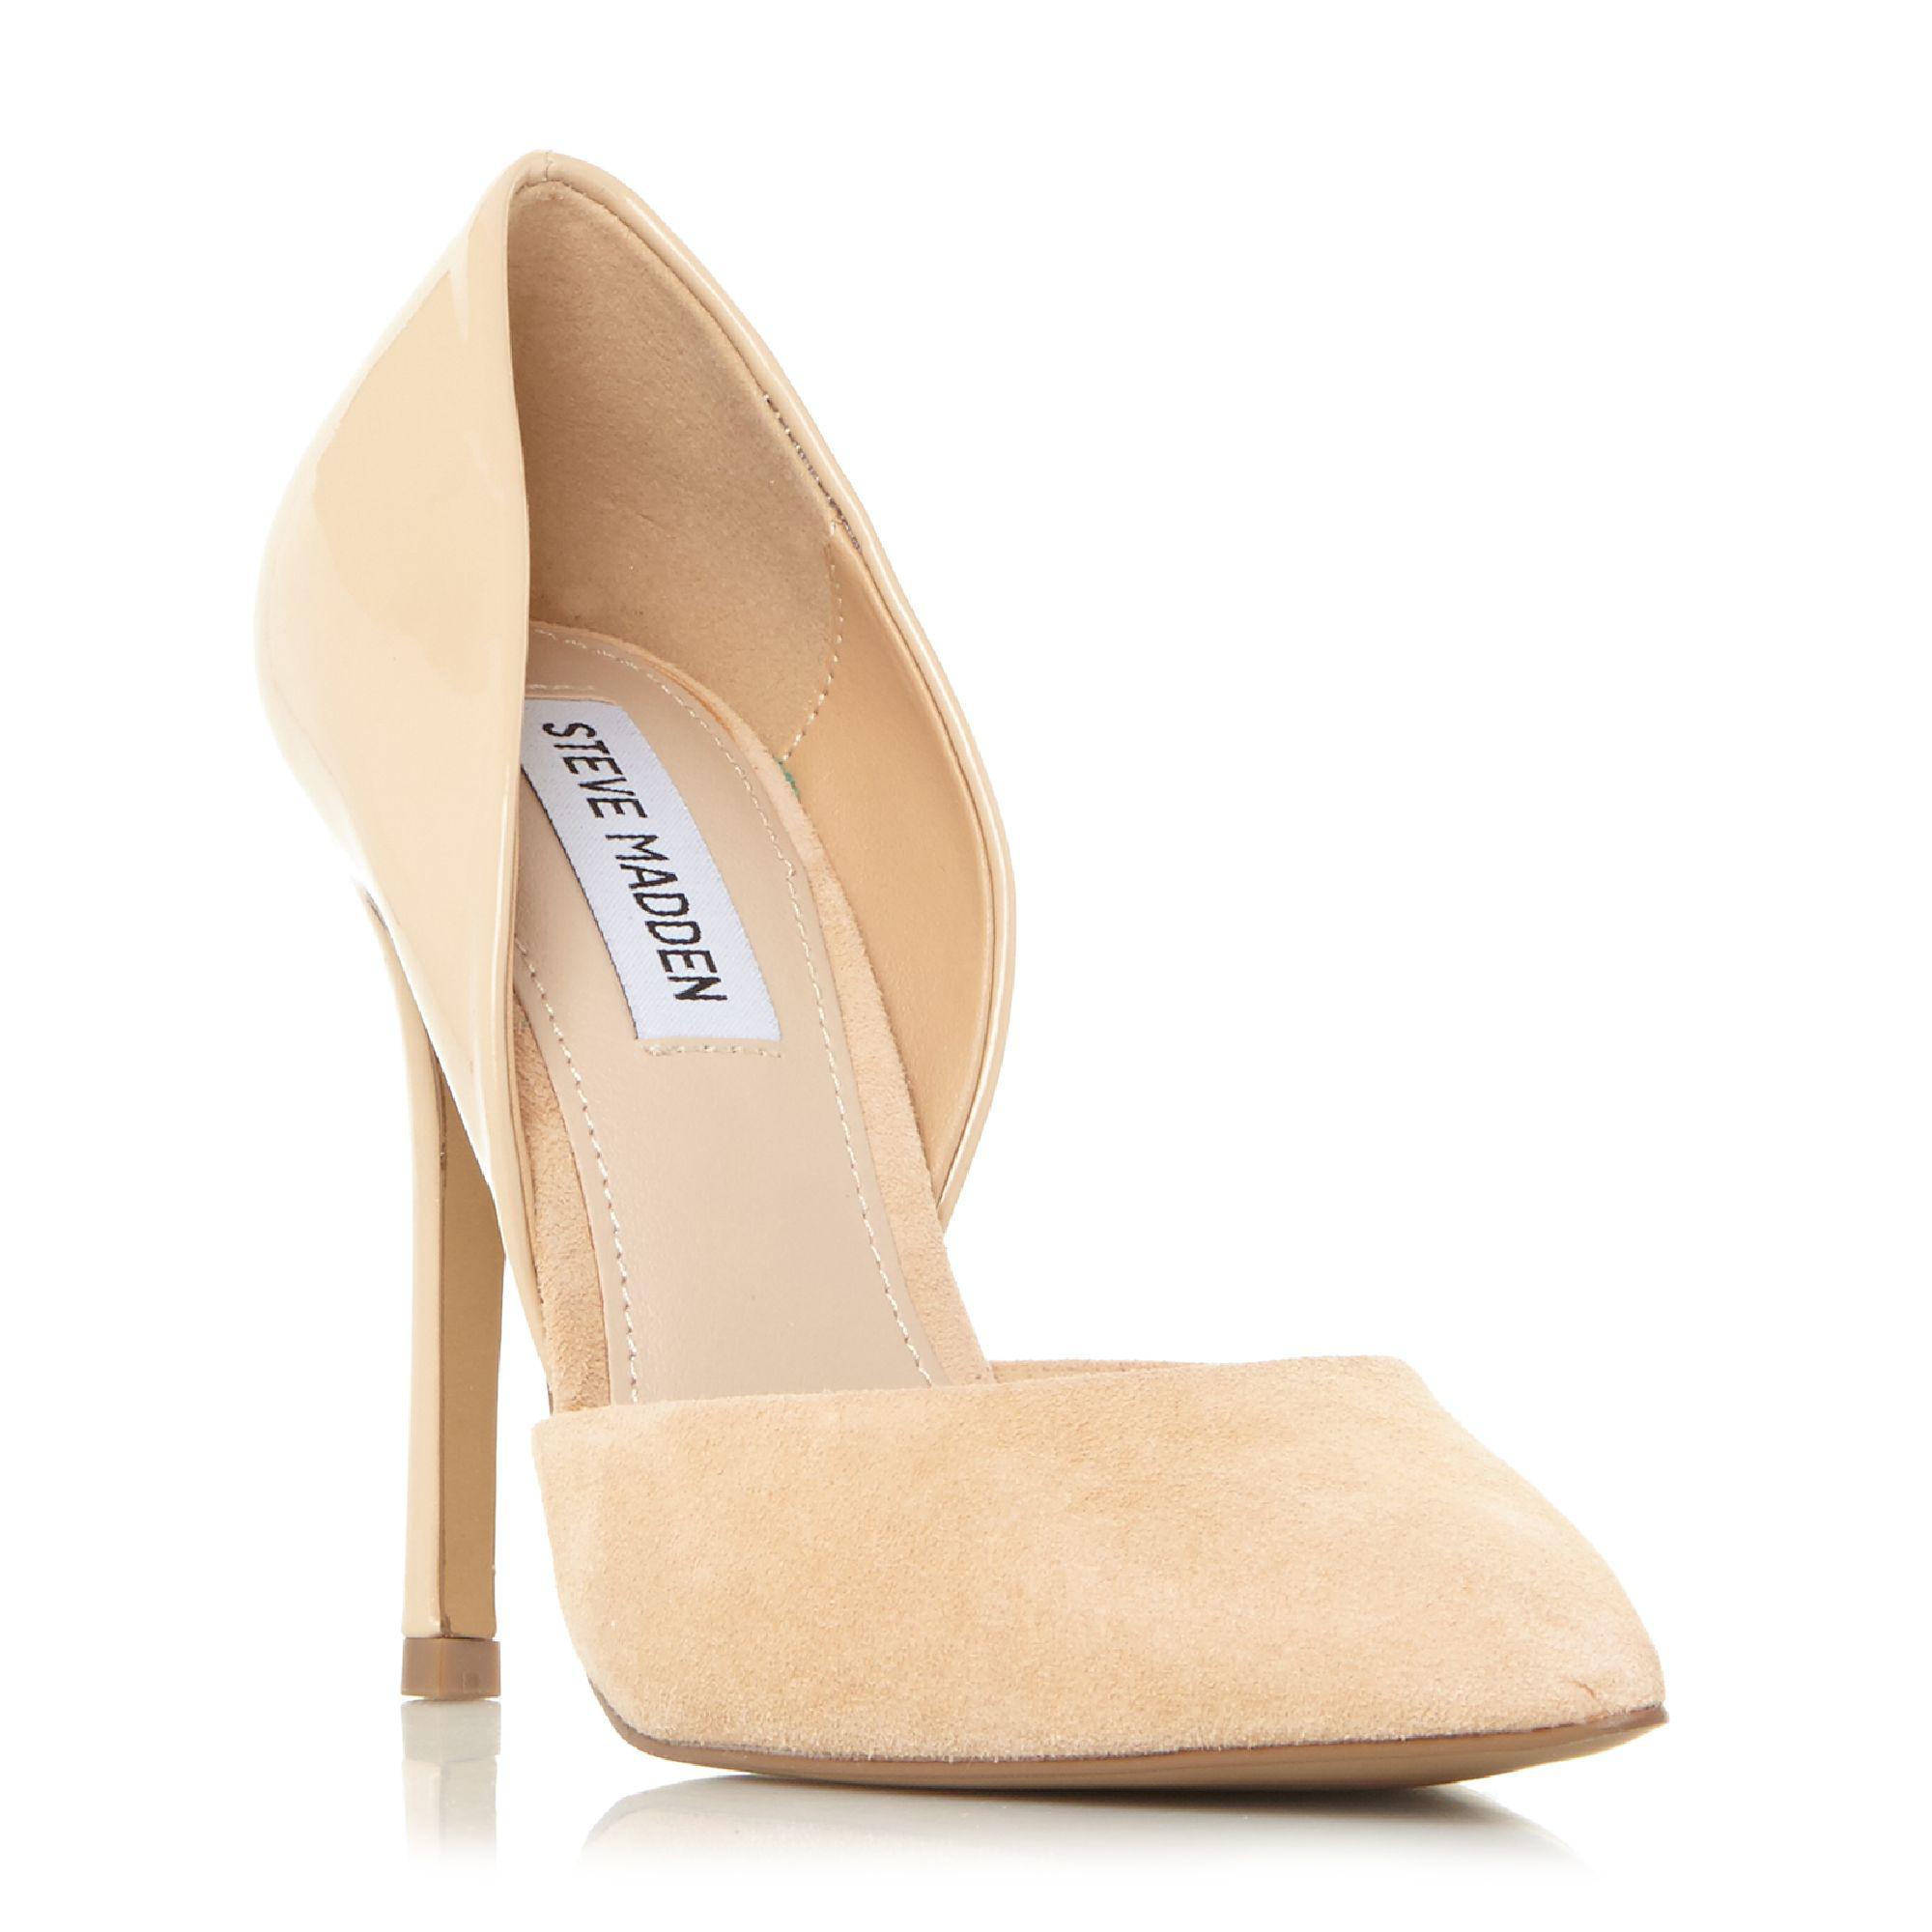 5137399c9e6 Steve Madden Natural Suede 'vertigo' High Stiletto Heel Court Shoes ...